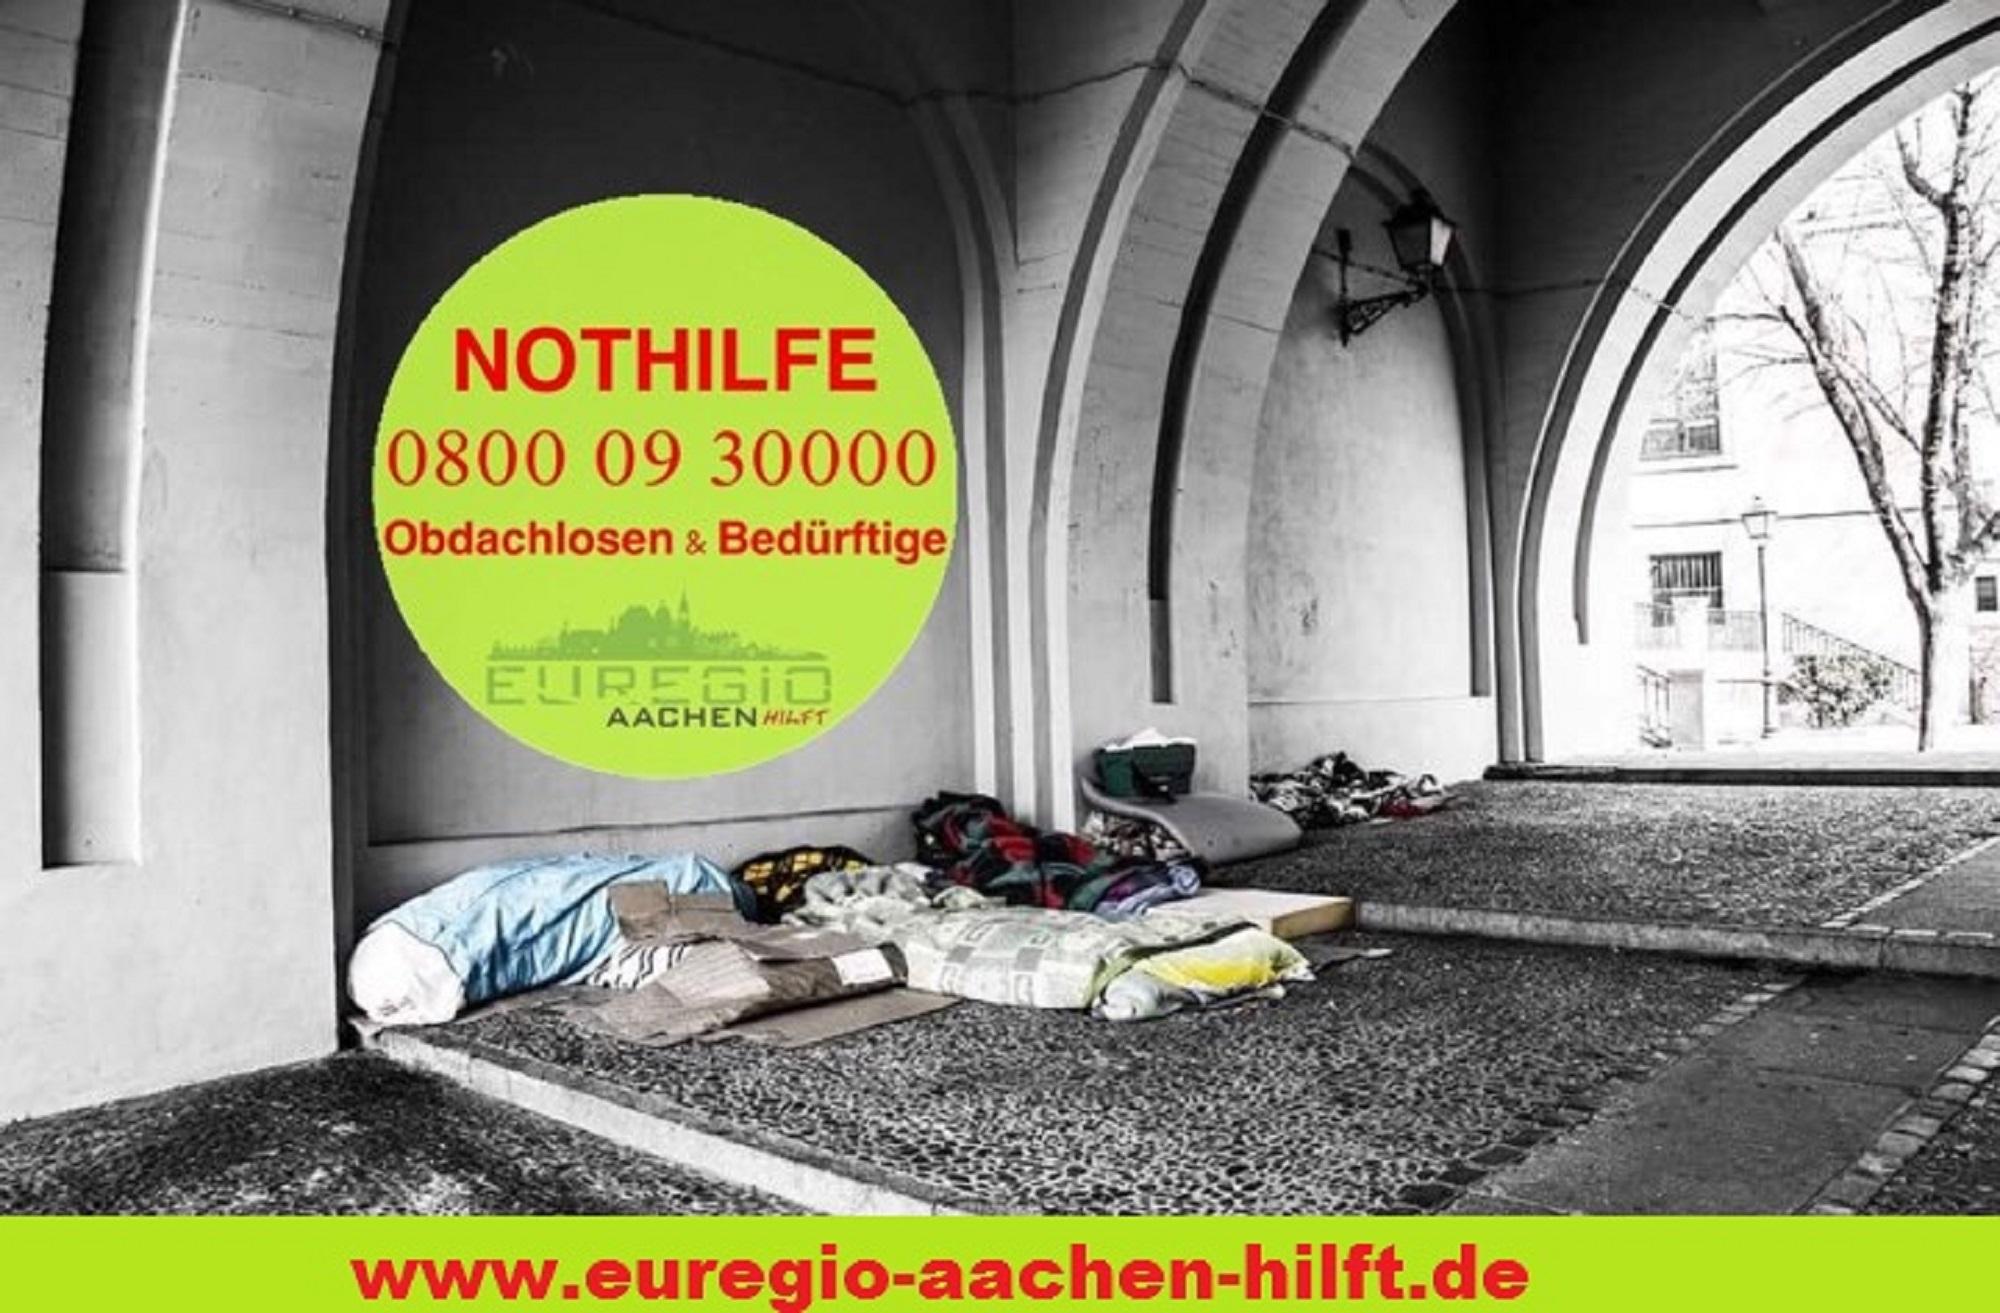 Aachens einzige kostenlose Notfallhotline für Wohnungs- und Obdachlose